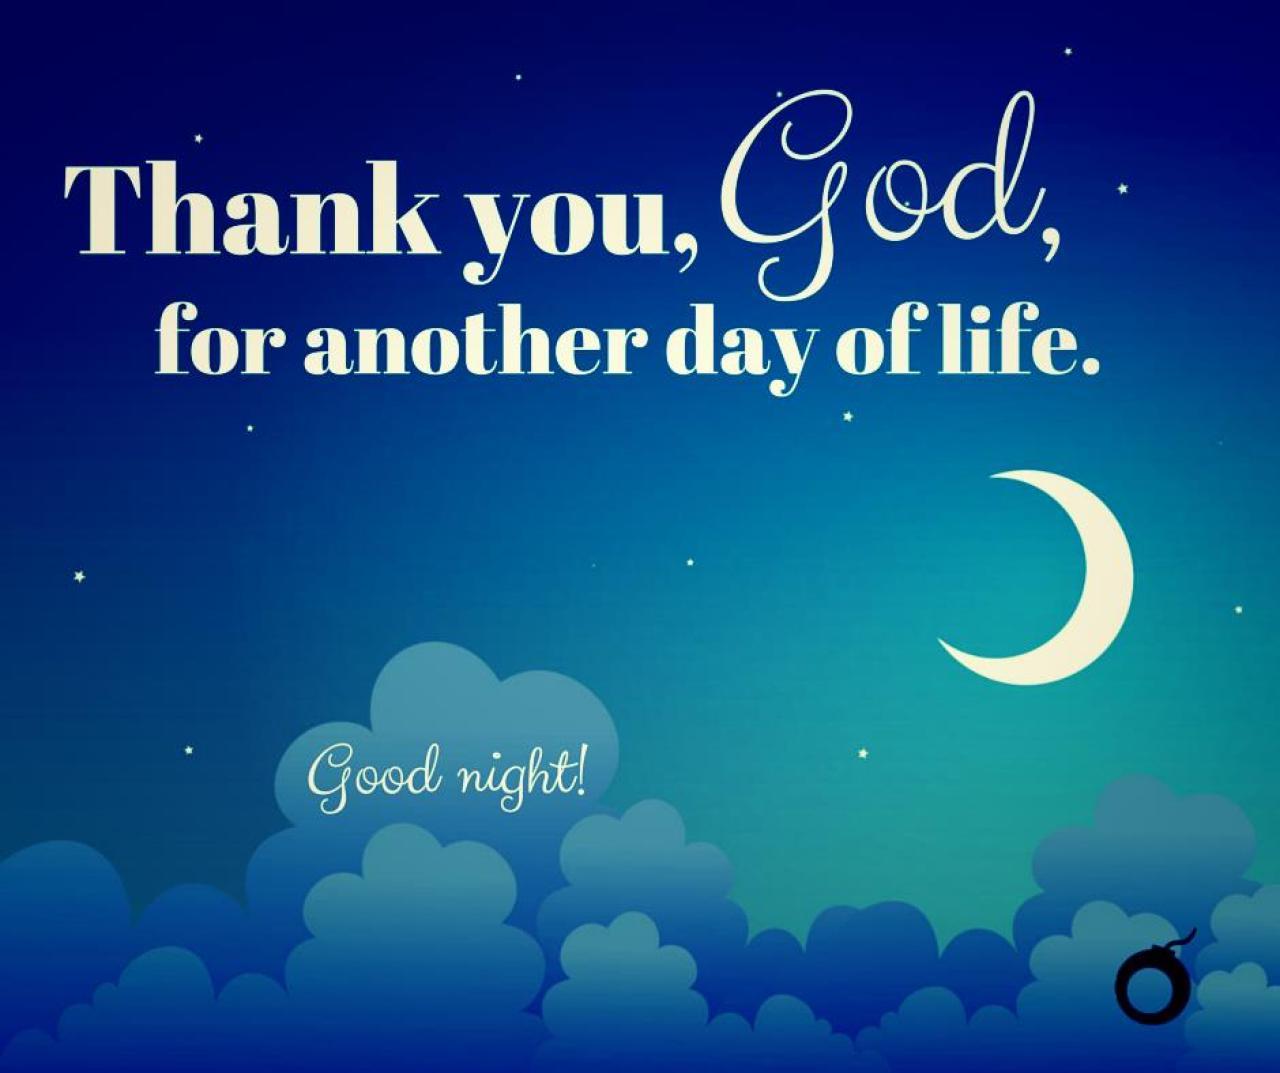 Great Wallpaper Night God - _v\u003d1479948732  2018-799799.net/gallery/image/gallery_image/11250/1280/_v\u003d1479948732